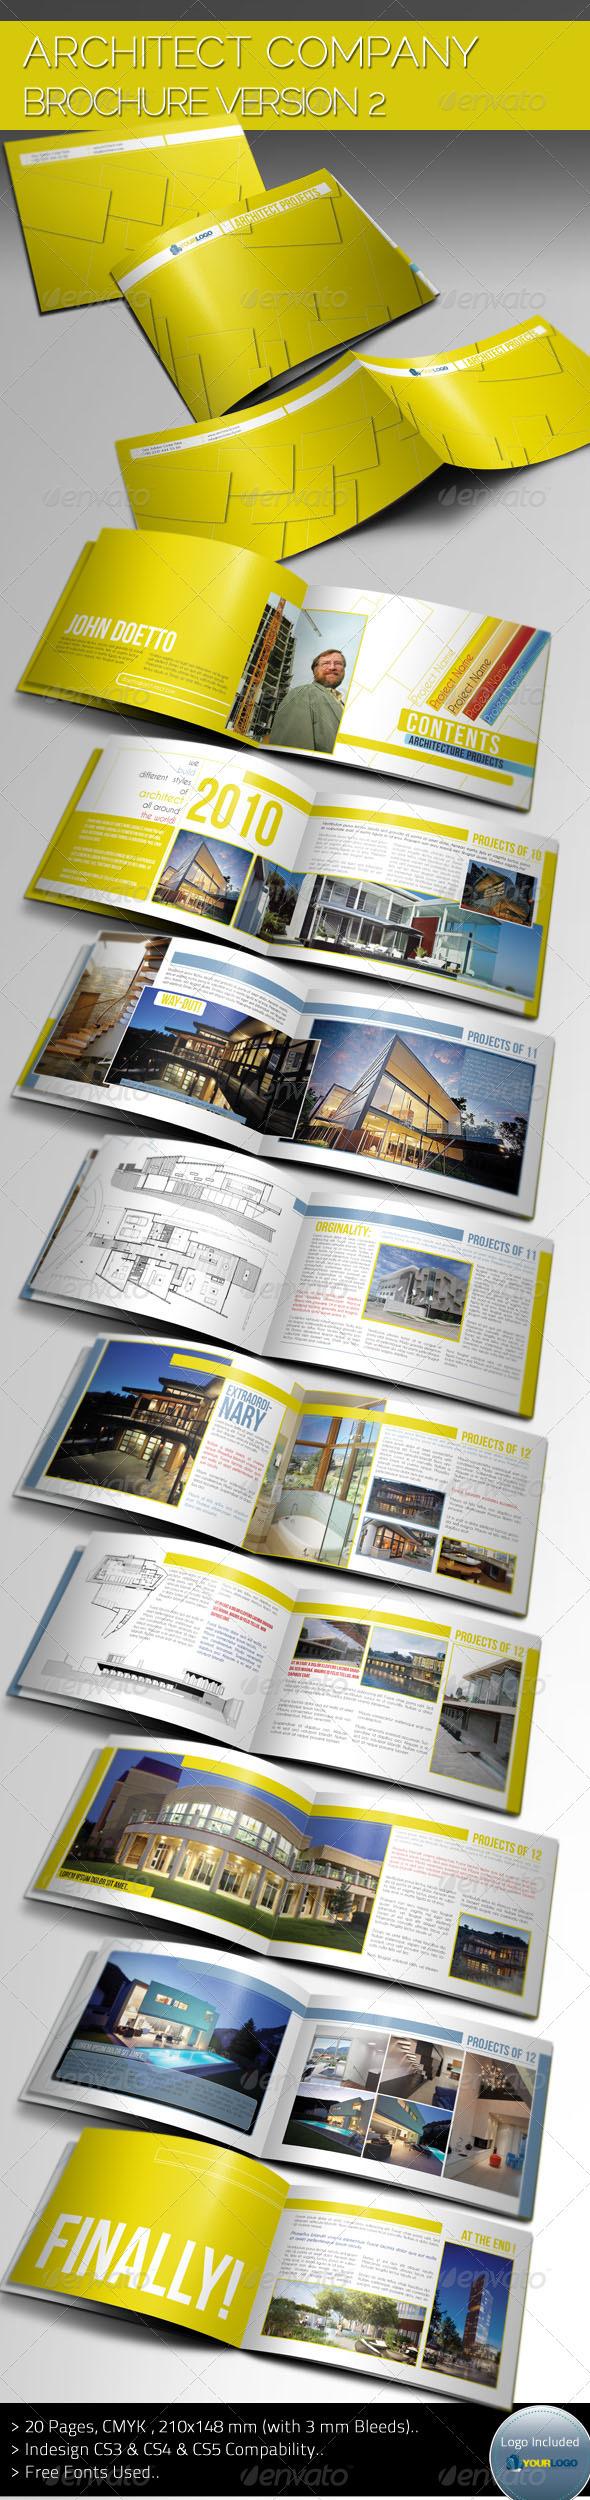 Architecture Brochure Template Ver II GraphicRiver